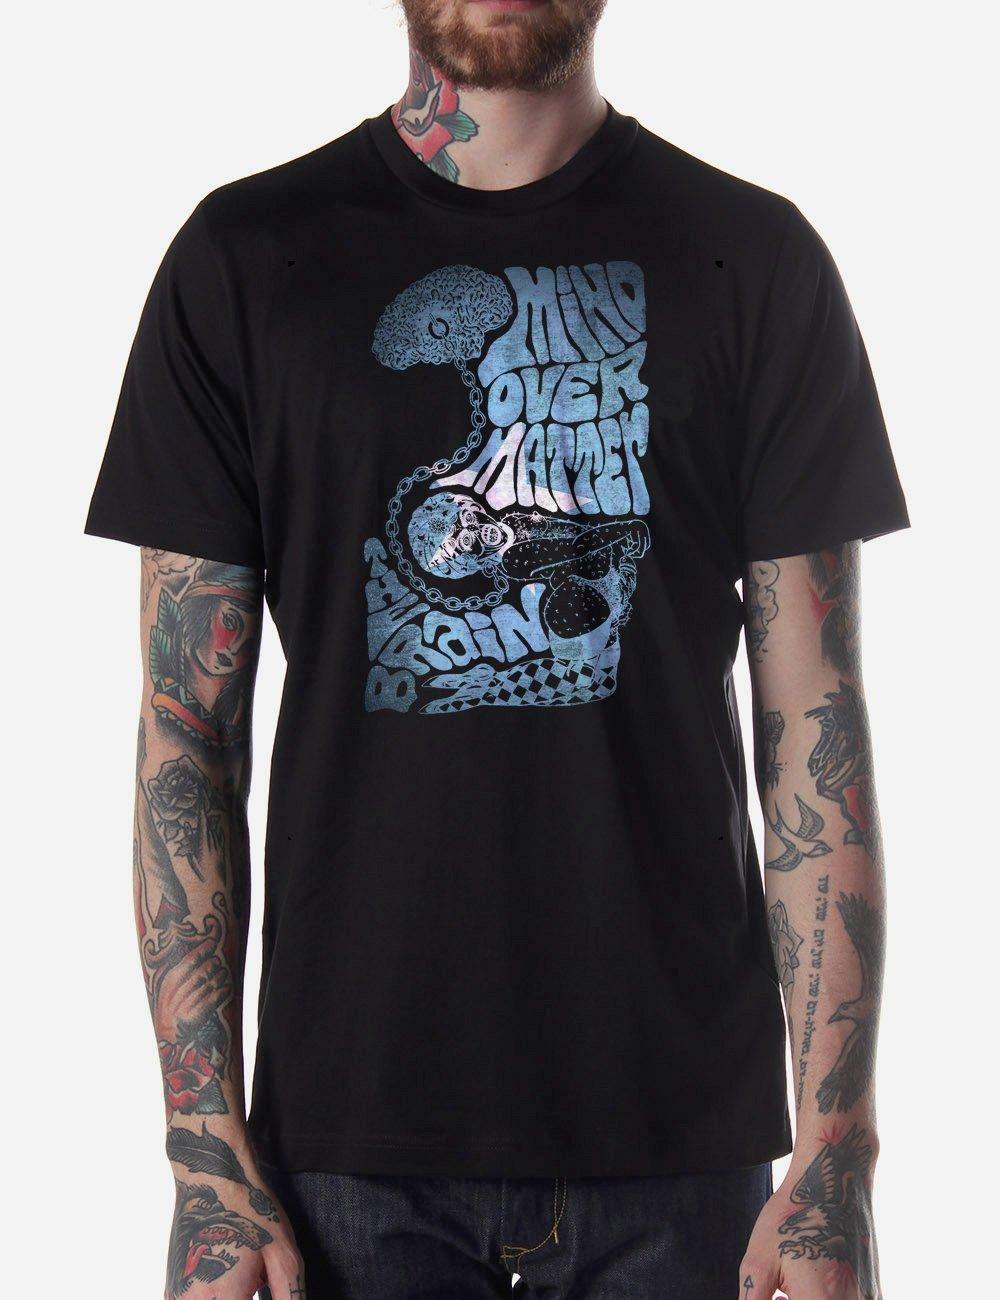 Black Men Tshirt Mind Over Matter Black Tshirt For Men